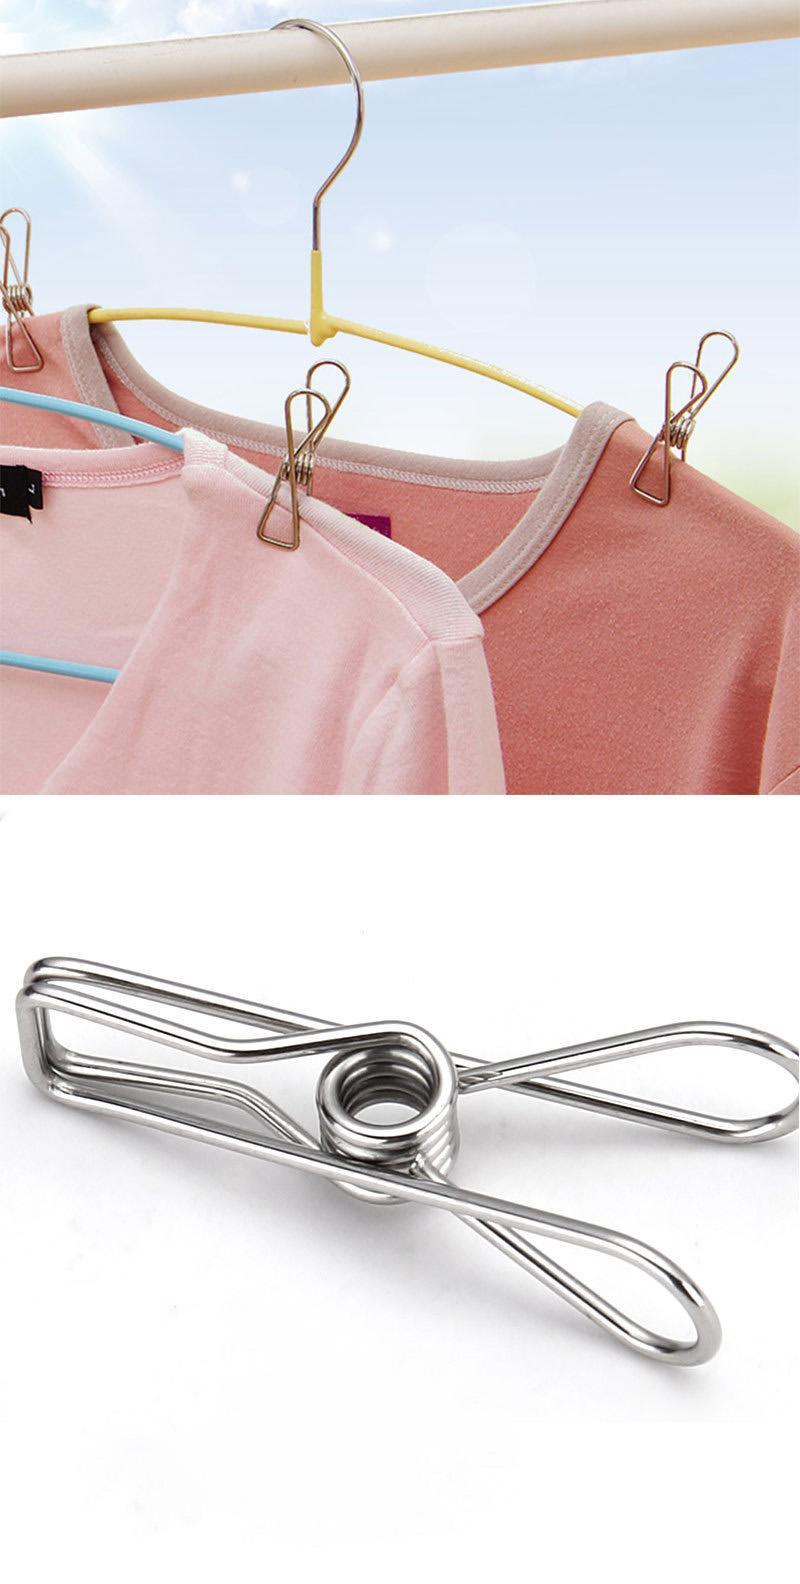 2020 İlkbahar Elbise Klipler Paslanmaz Çelik Pegs İçin Çorap Resimler asın Parts Pratik Taşınabilir Tutucu Aksesuarları Tel Klip Raf